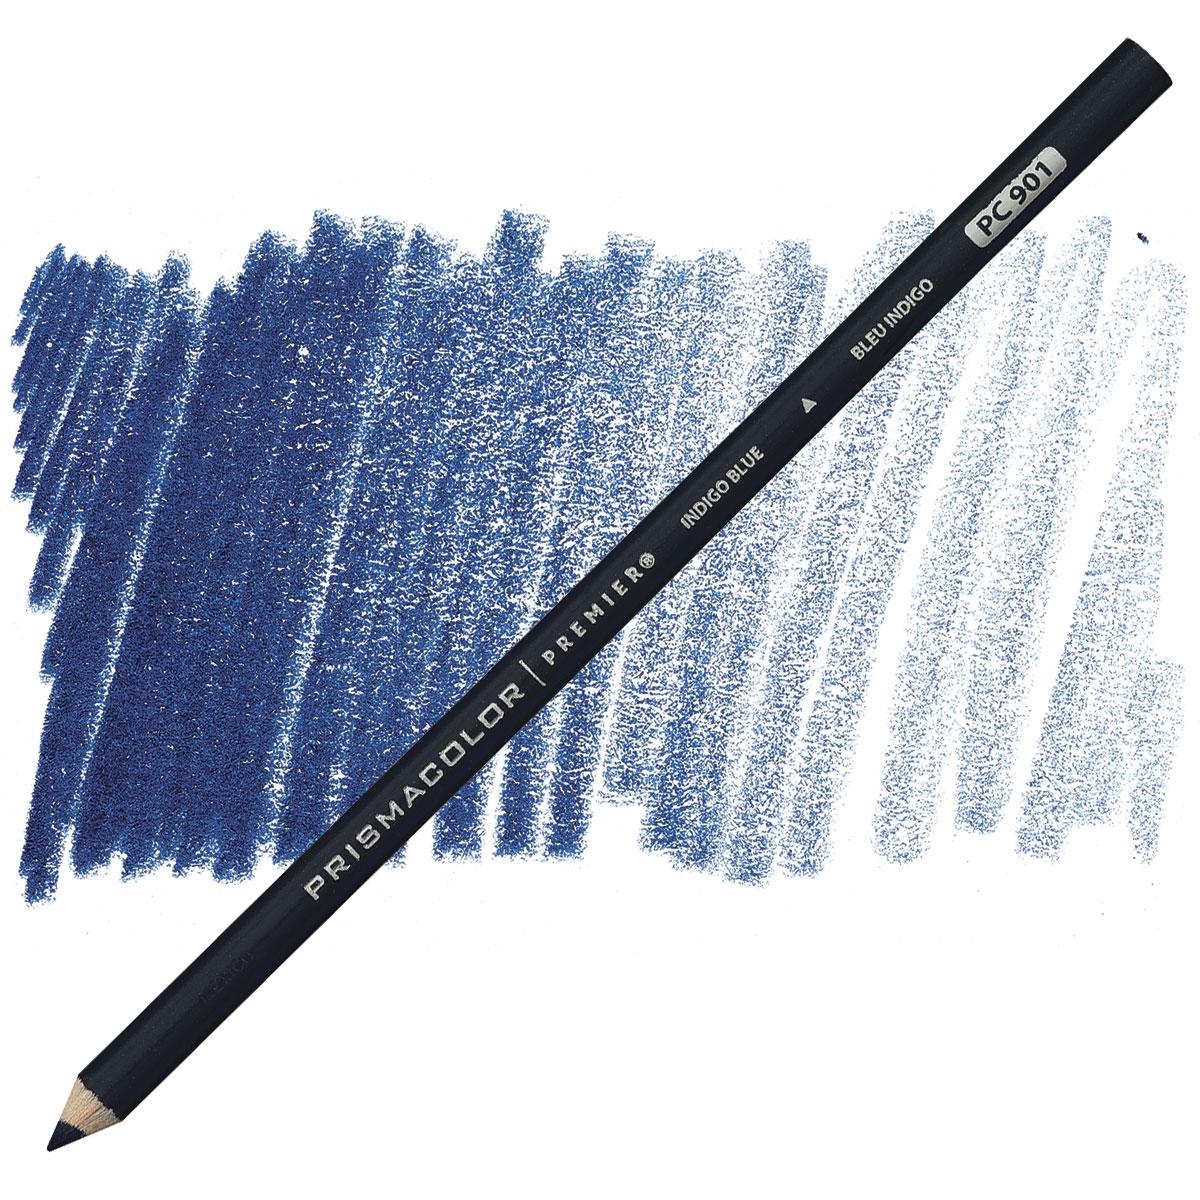 Indigo Blue 901